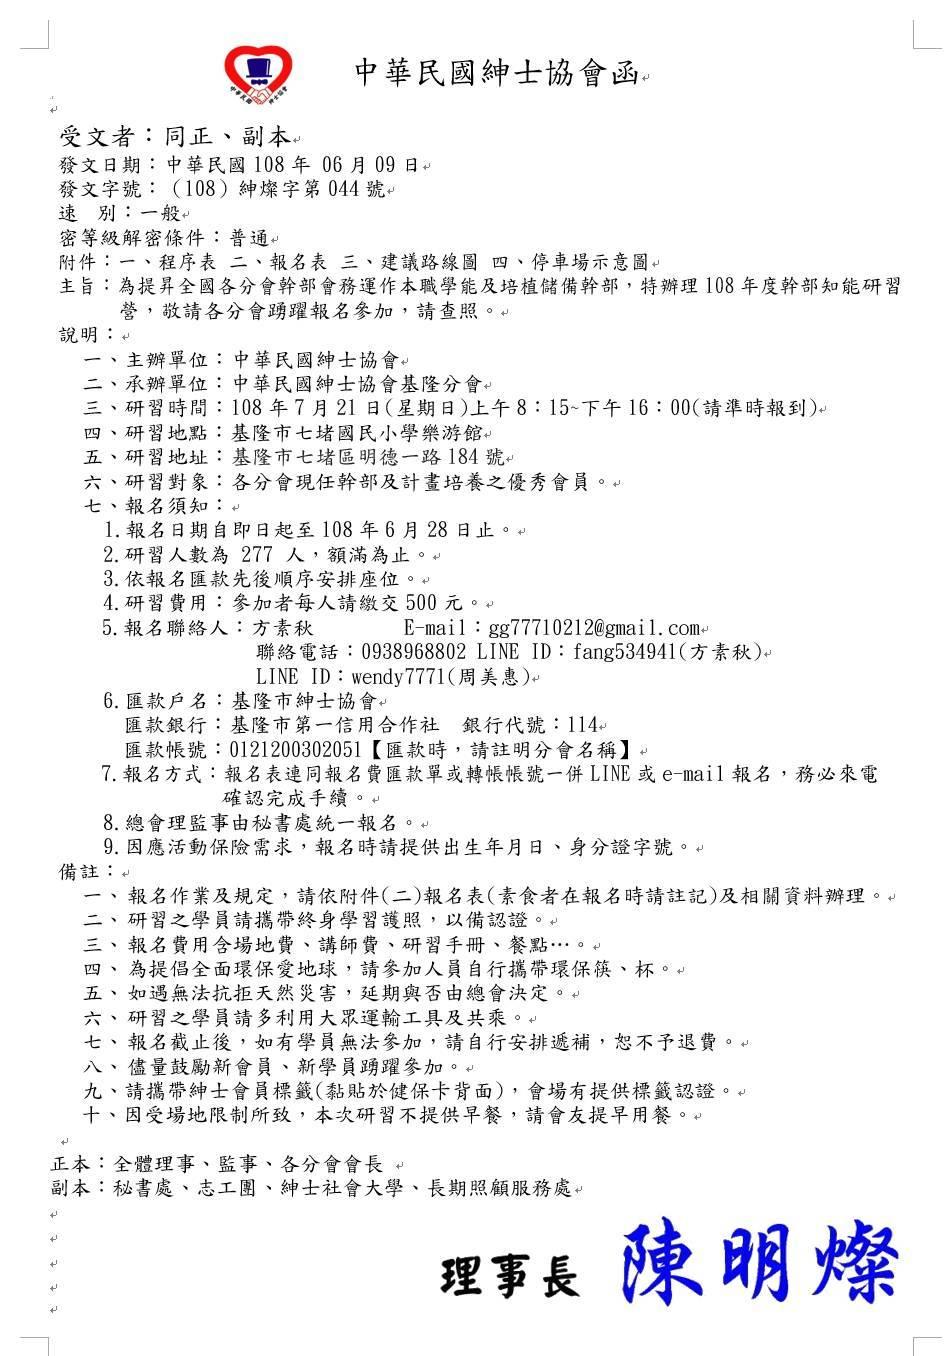 108年度 7/21 「幹部知能」研習營活動